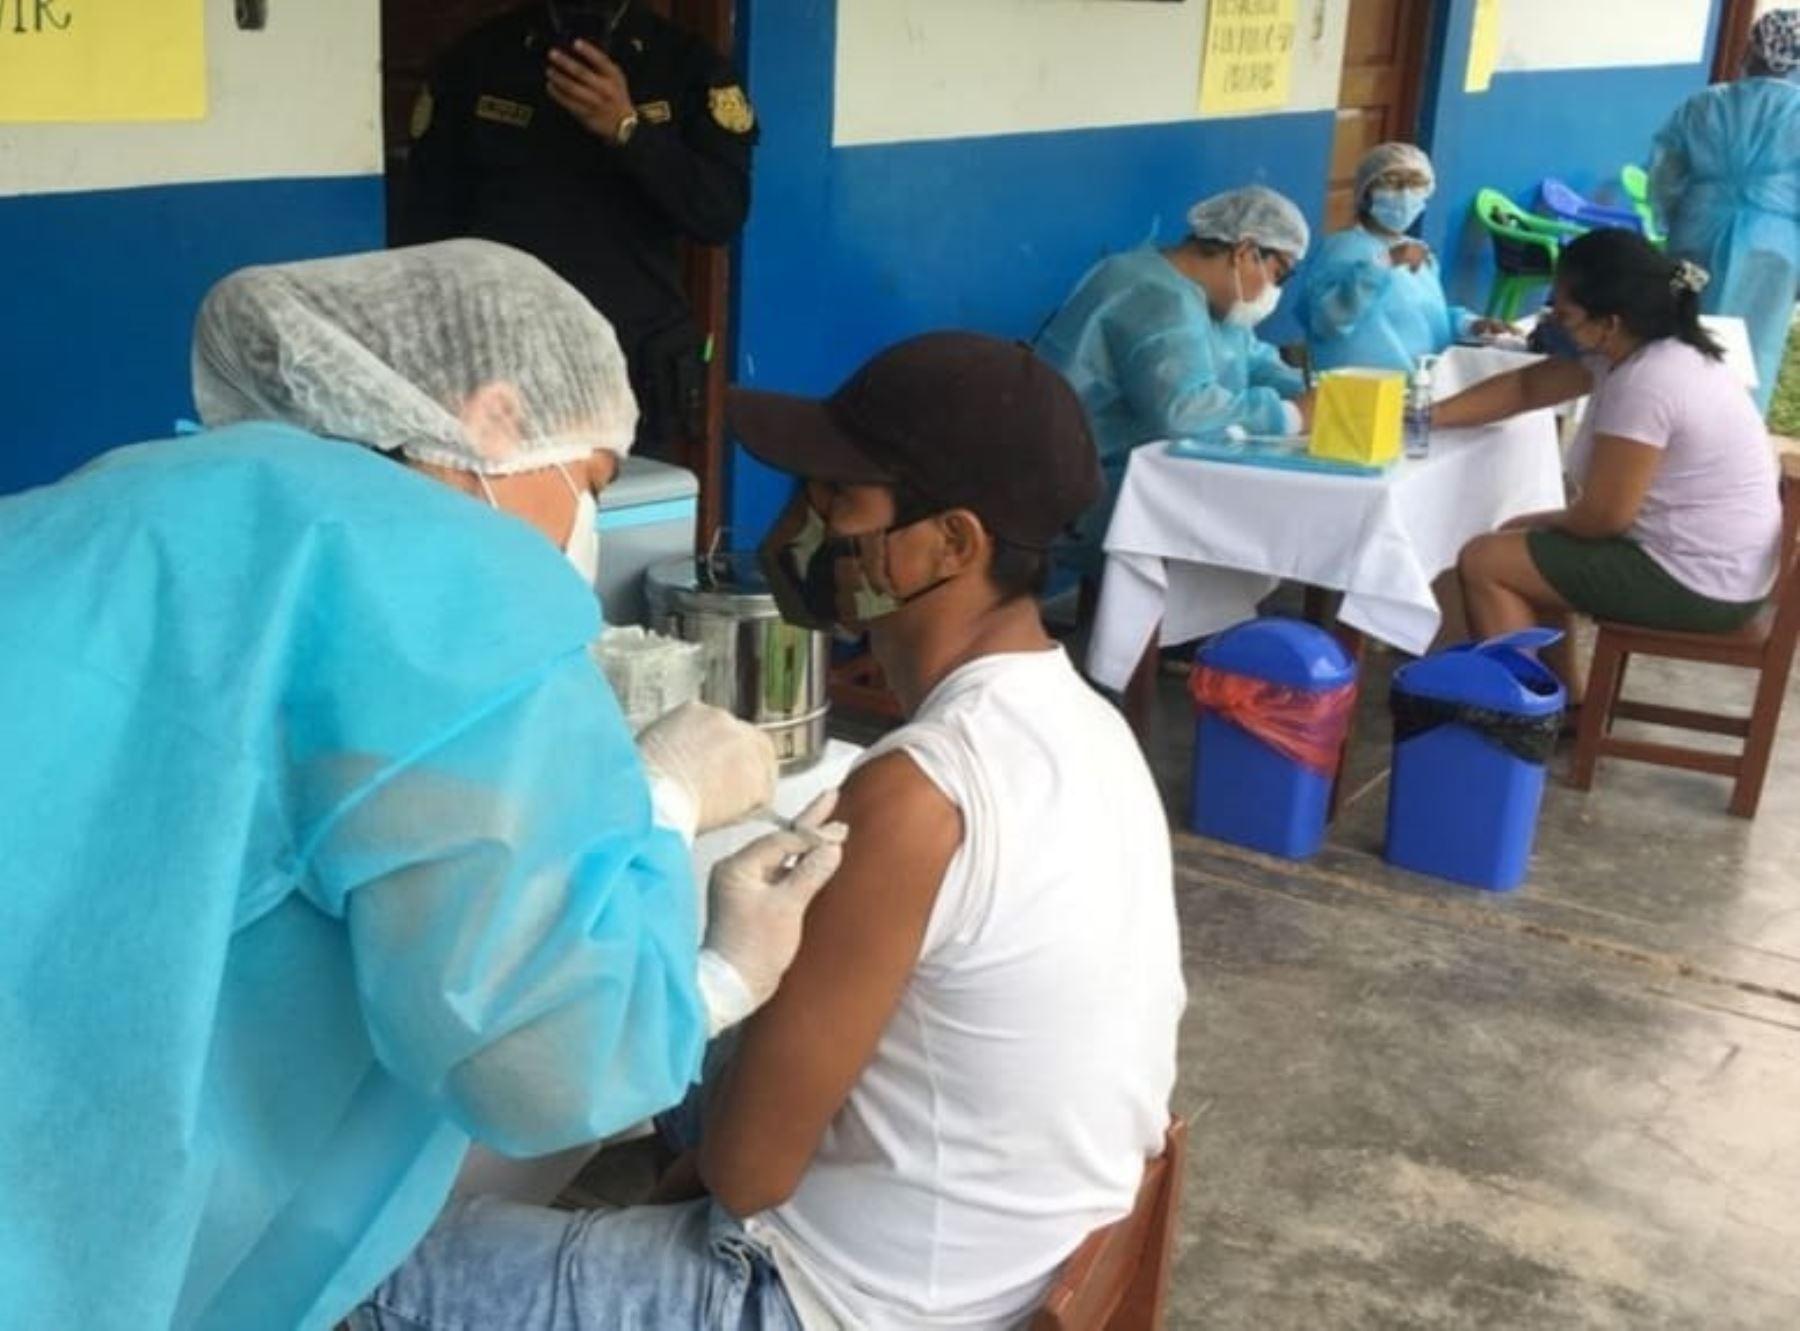 San Martín inicia vacunación contra la covid-19 en 16 distritos rurales y se atiende a adultos mayores de 60 años, gestantes y personas vulnerables. ANDINA/Difusión